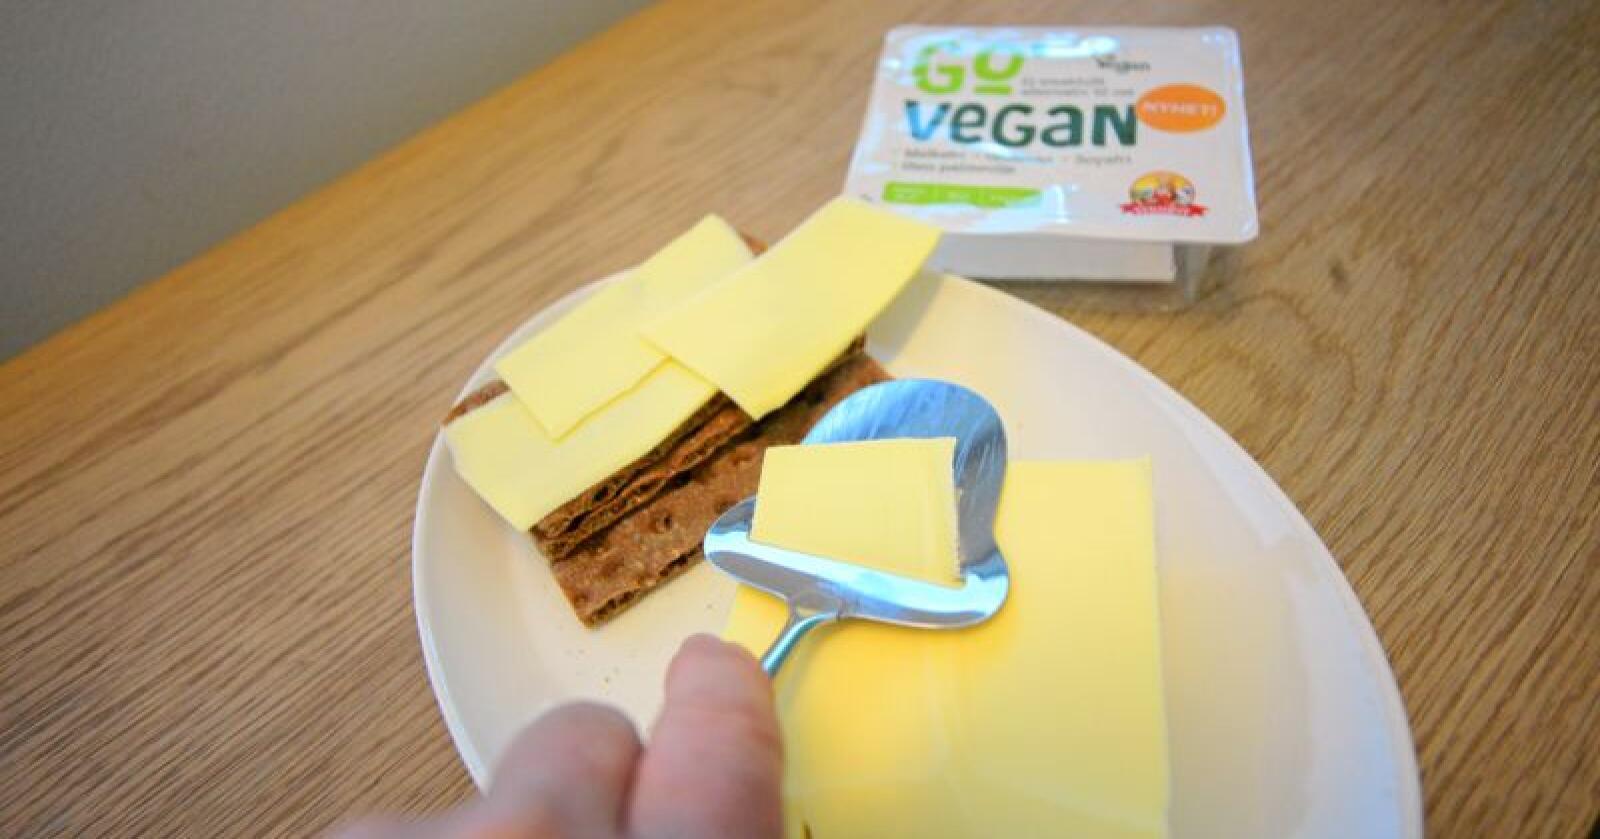 """Go`Vegan heter merket til Synøve Finden. """"Osten"""" er blant annet laget av kokosolje og potet, men ligner veldig på den tradisjonelle osten. Foto: Siri Juell Rasmussen"""